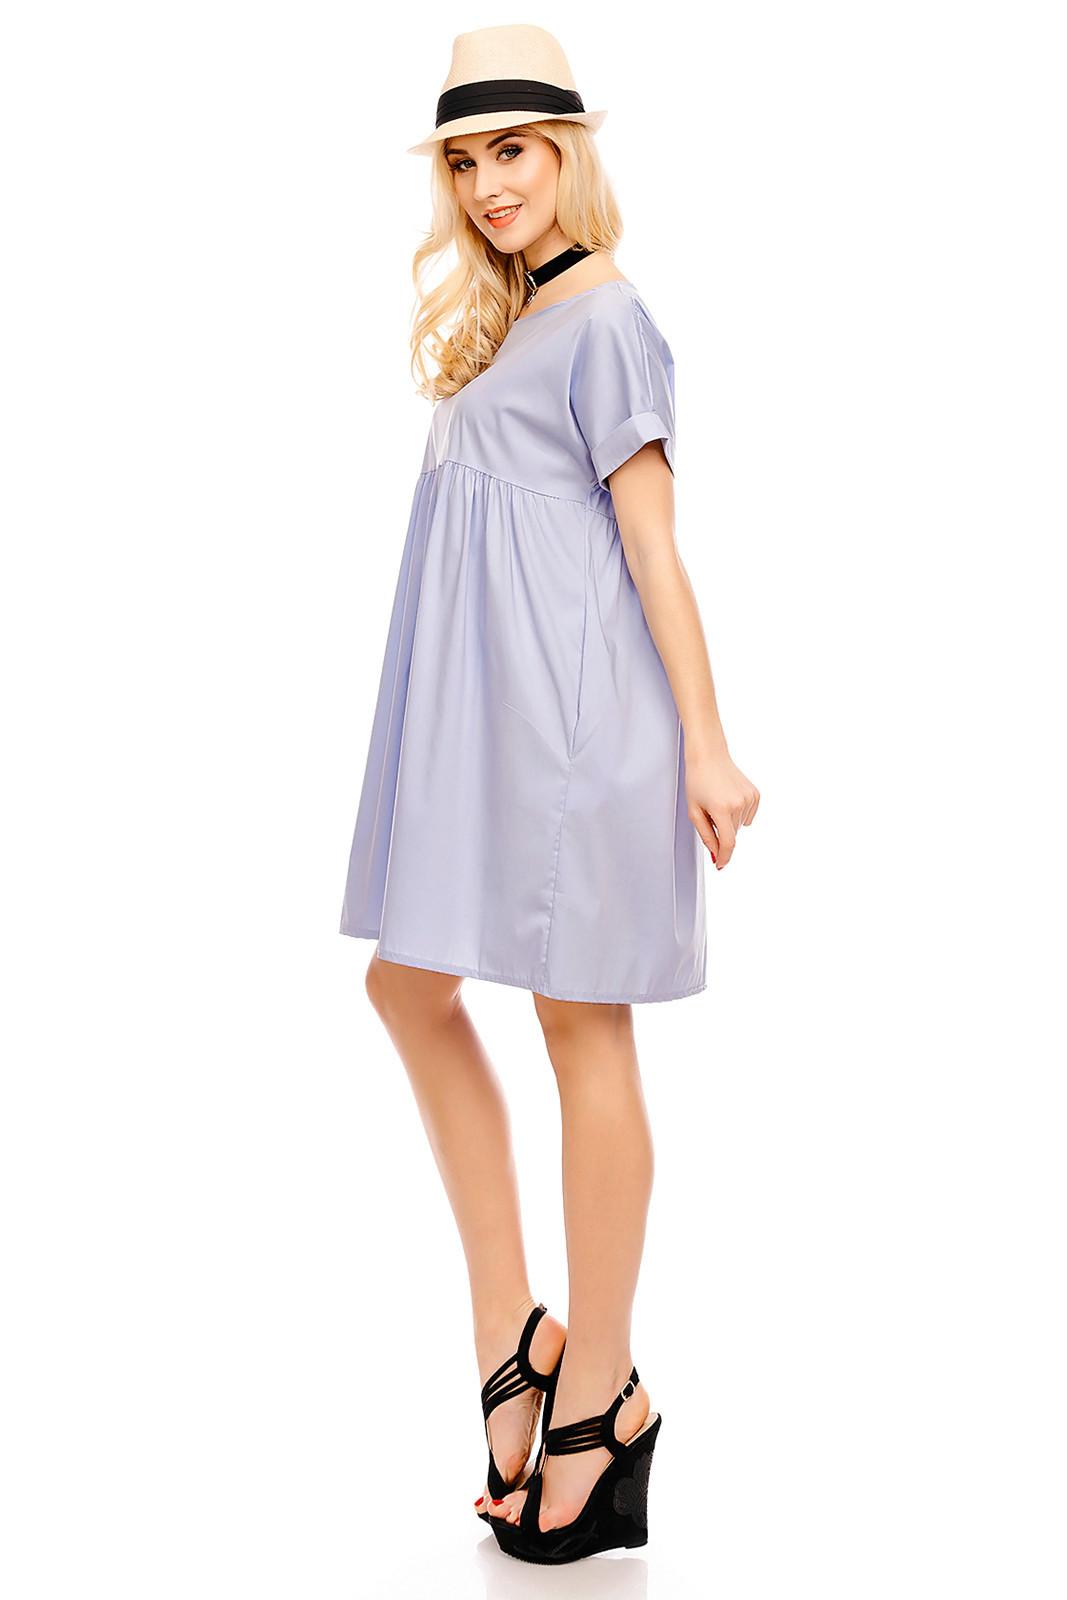 Dámské šaty volného střihu středně dlouhé - Světle modrá Uni